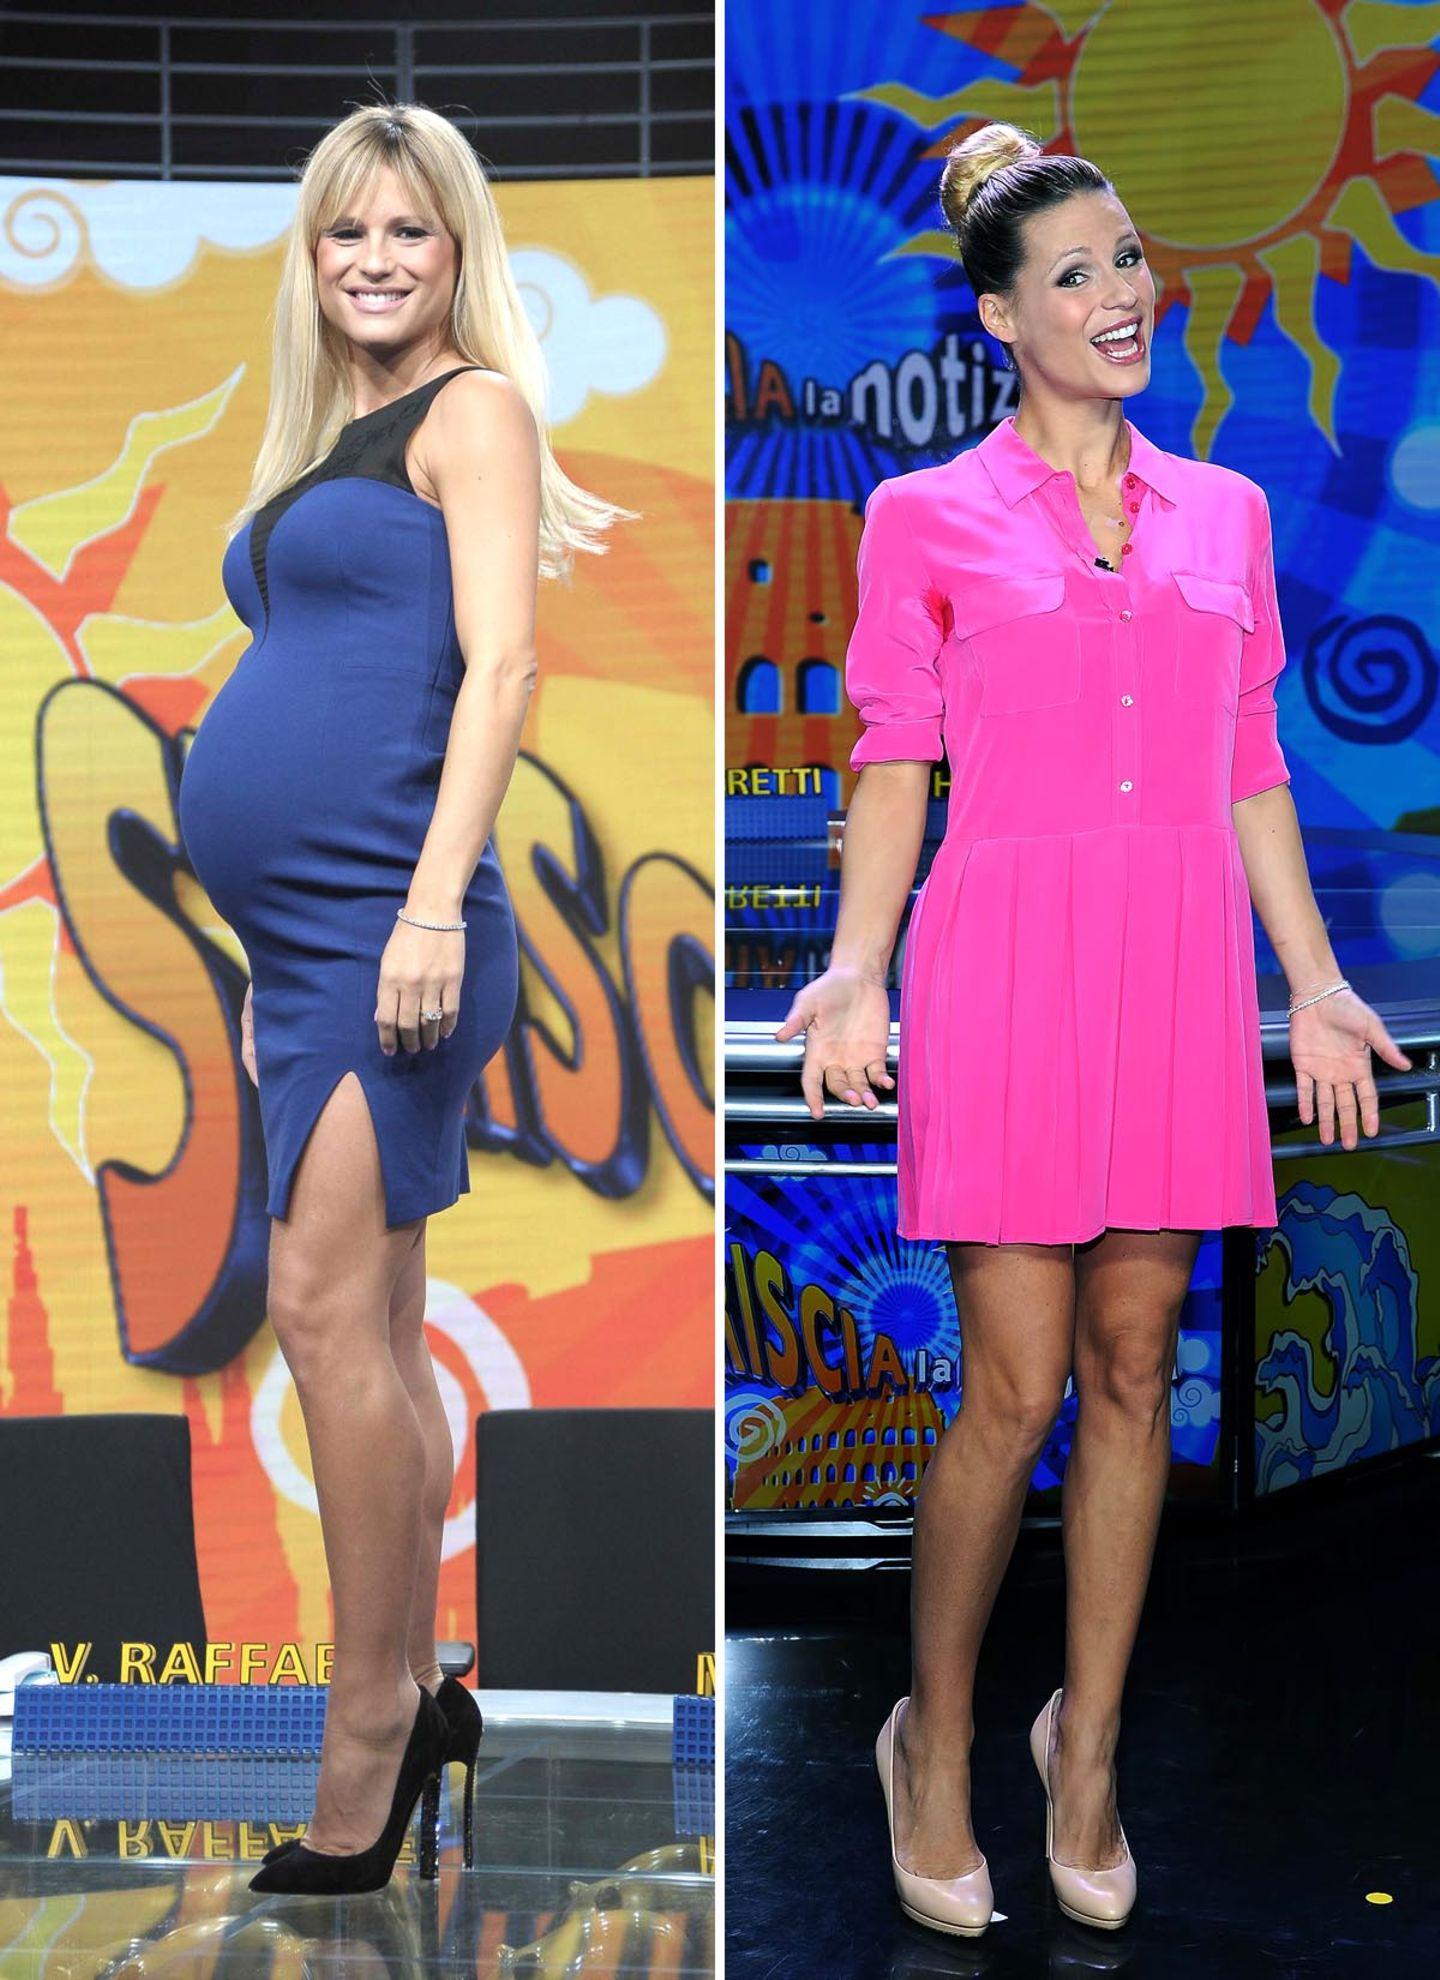 Michelle Hunziker  Am 9. Oktober 2013 hat die Moderatorin in Mailand ein gesundes Mädchen zur Welt gebracht. Nur vier Tage nach der Geburt ihrer zweiten Tochter Sole zeigt sich Michelle Hunziker wieder in Topform im italienischen Fernsehen.